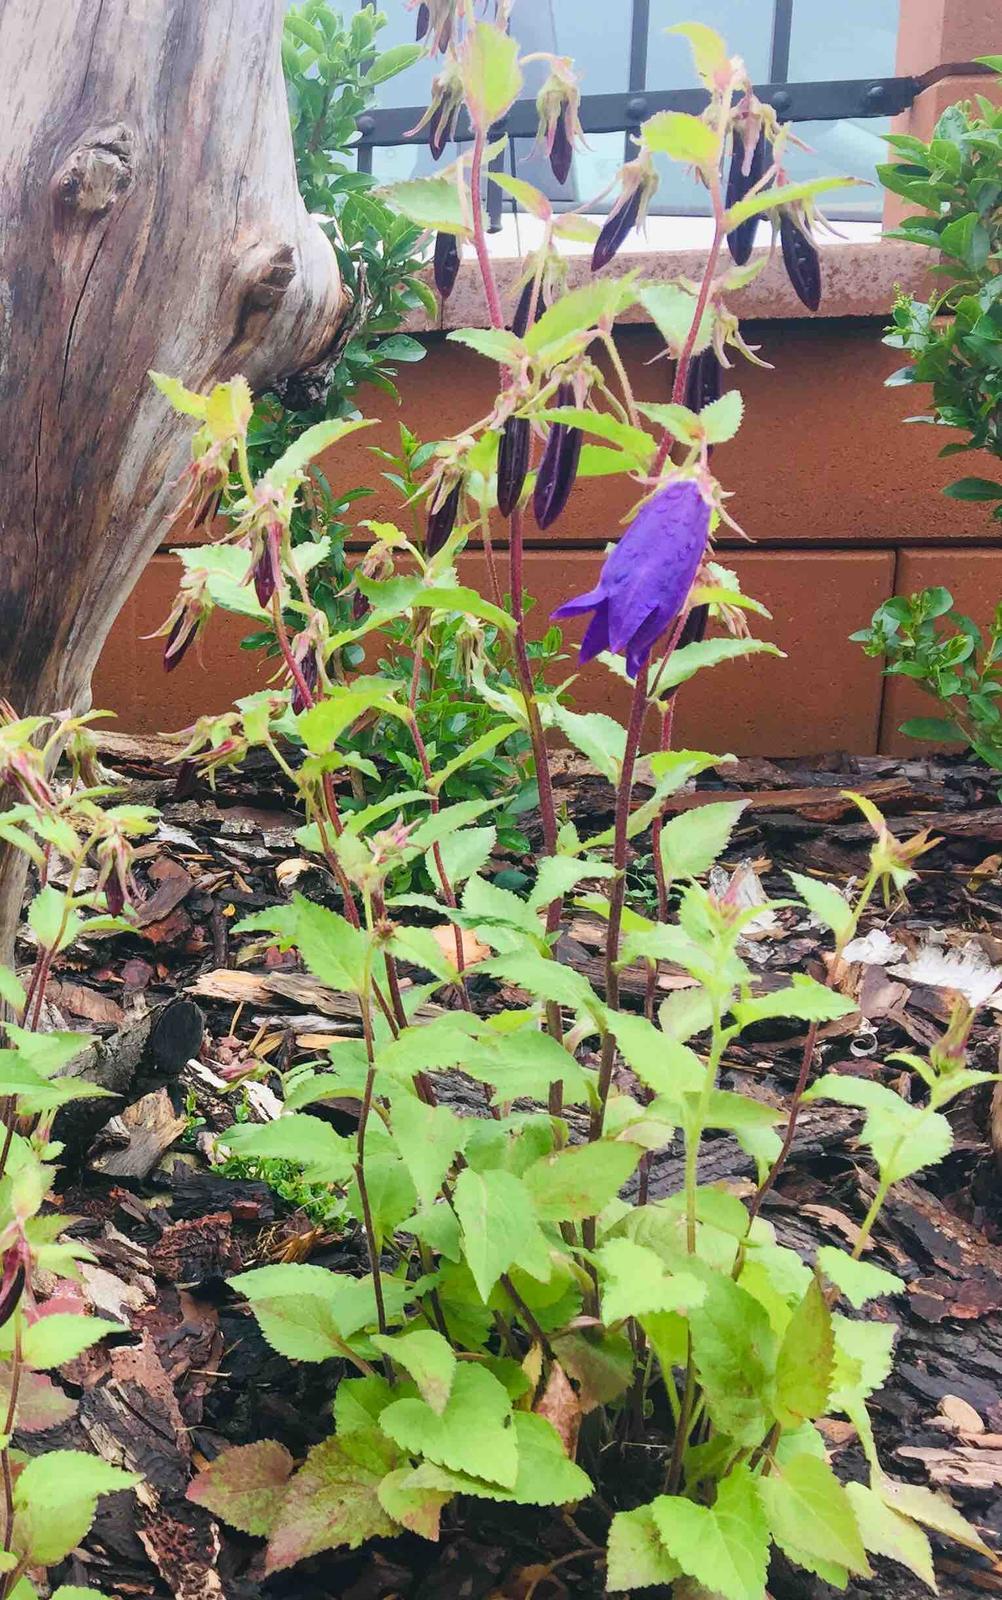 Naše barevná zahrada 🌸 - Květy budou opravdu obrovské 🤗